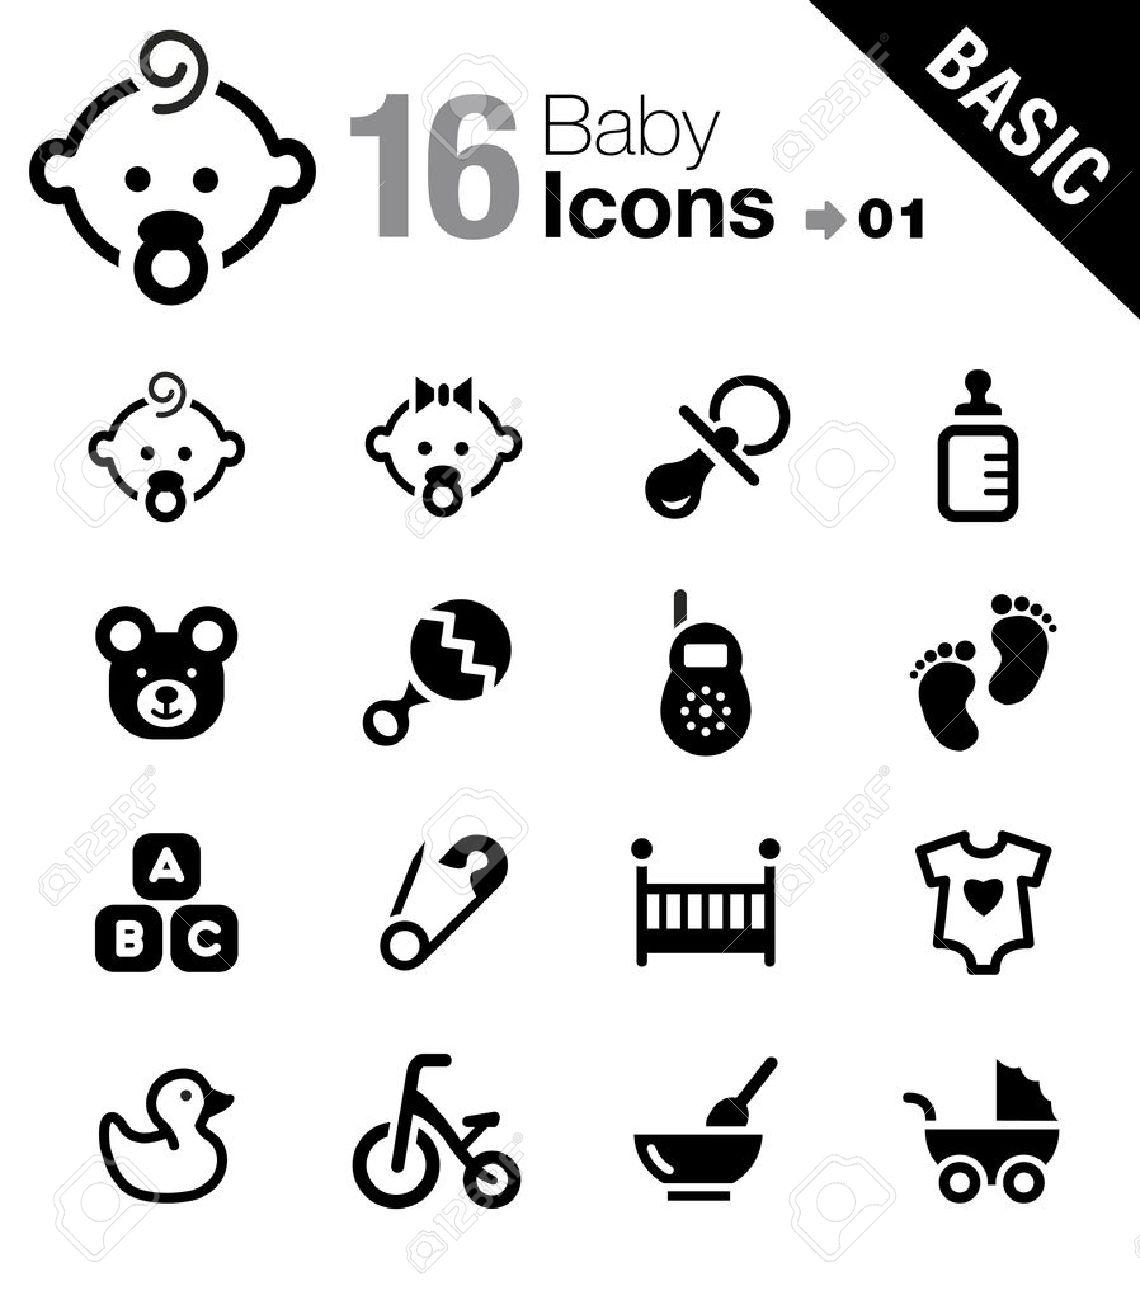 Basic - Baby icons - 17896103